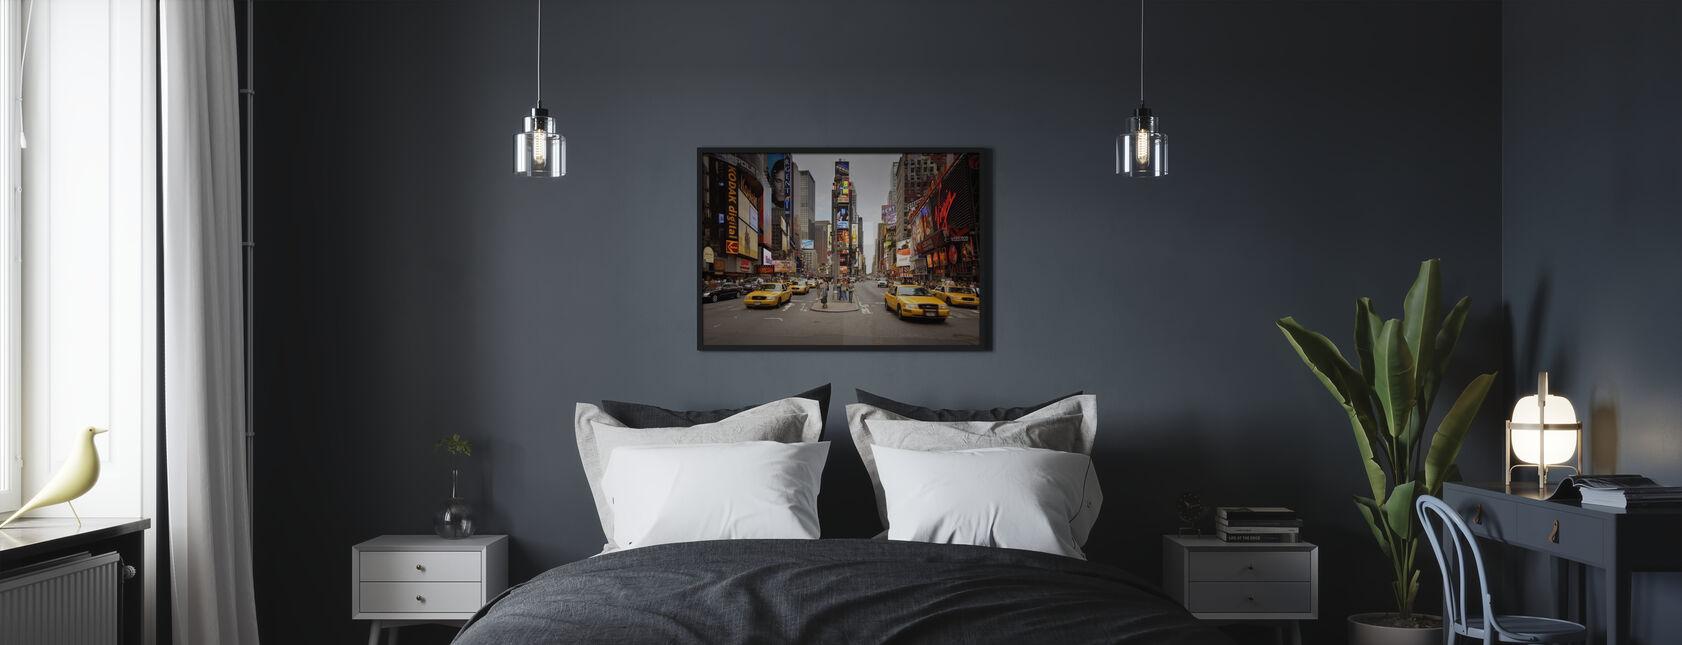 Times Square, New York, Verenigde Staten - Poster - Slaapkamer